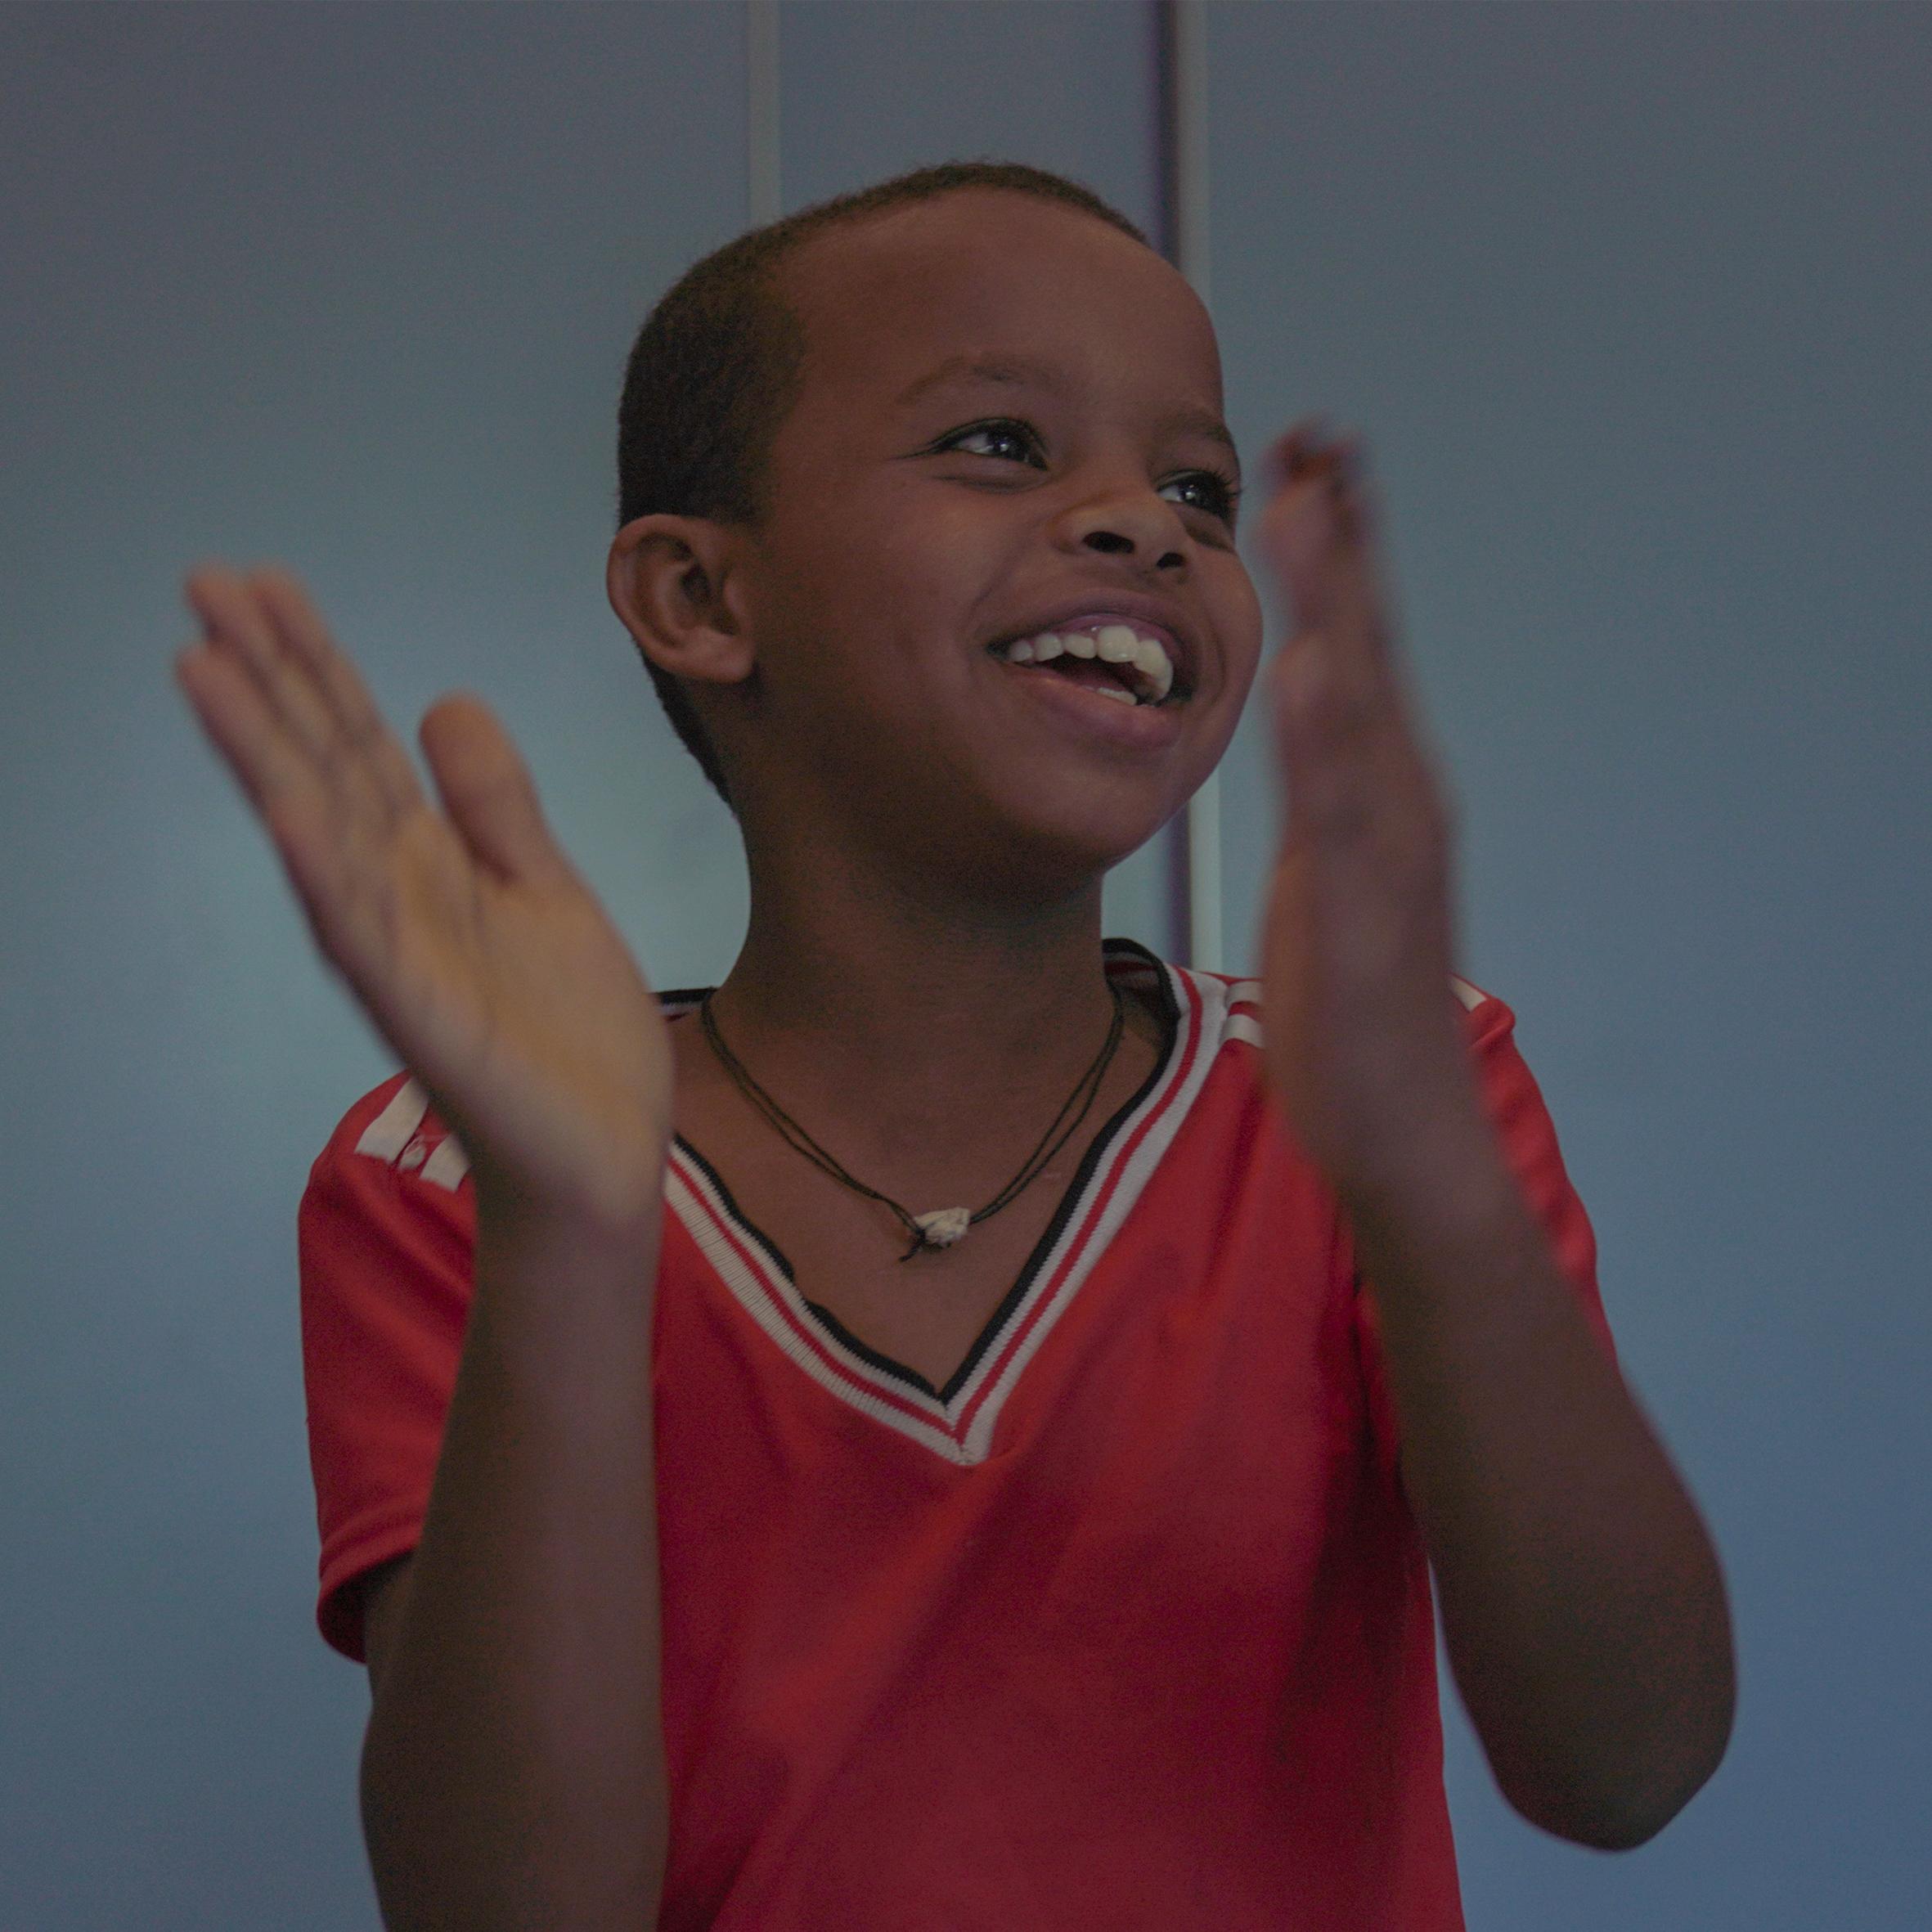 Jesus liet alles achter toen hij uit Eritrea vertrok. Nu zit hij in Nederland op school en voelt hij zich weer op zijn gemak. <a href=